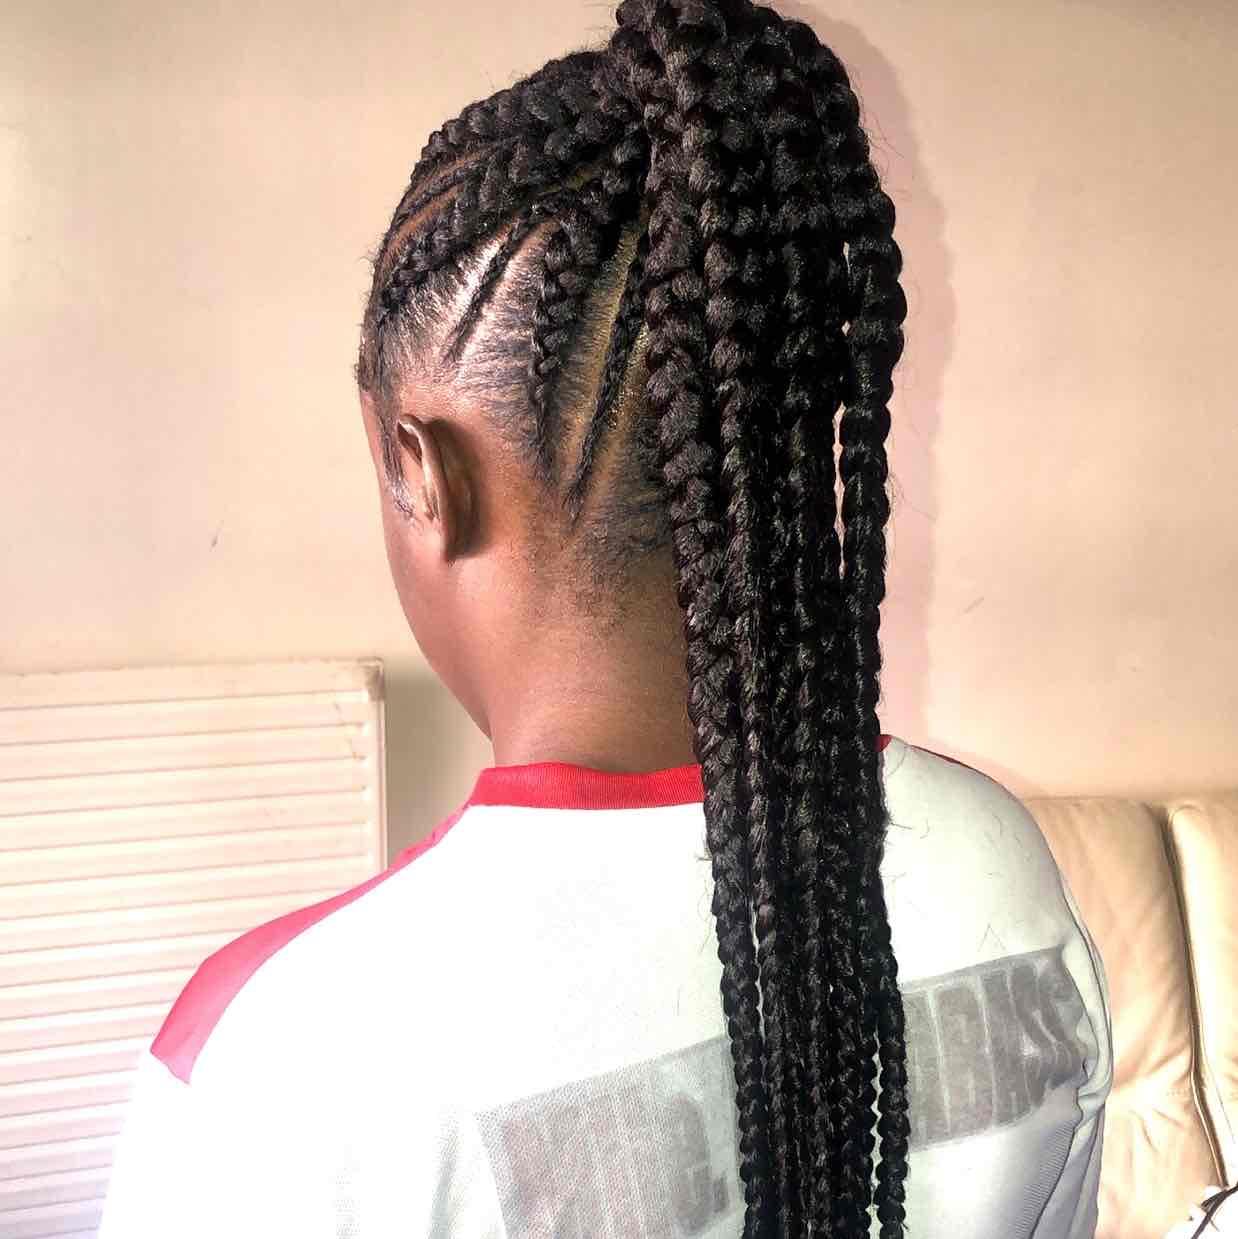 salon de coiffure afro tresse tresses box braids crochet braids vanilles tissages paris 75 77 78 91 92 93 94 95 IZYSBTFM